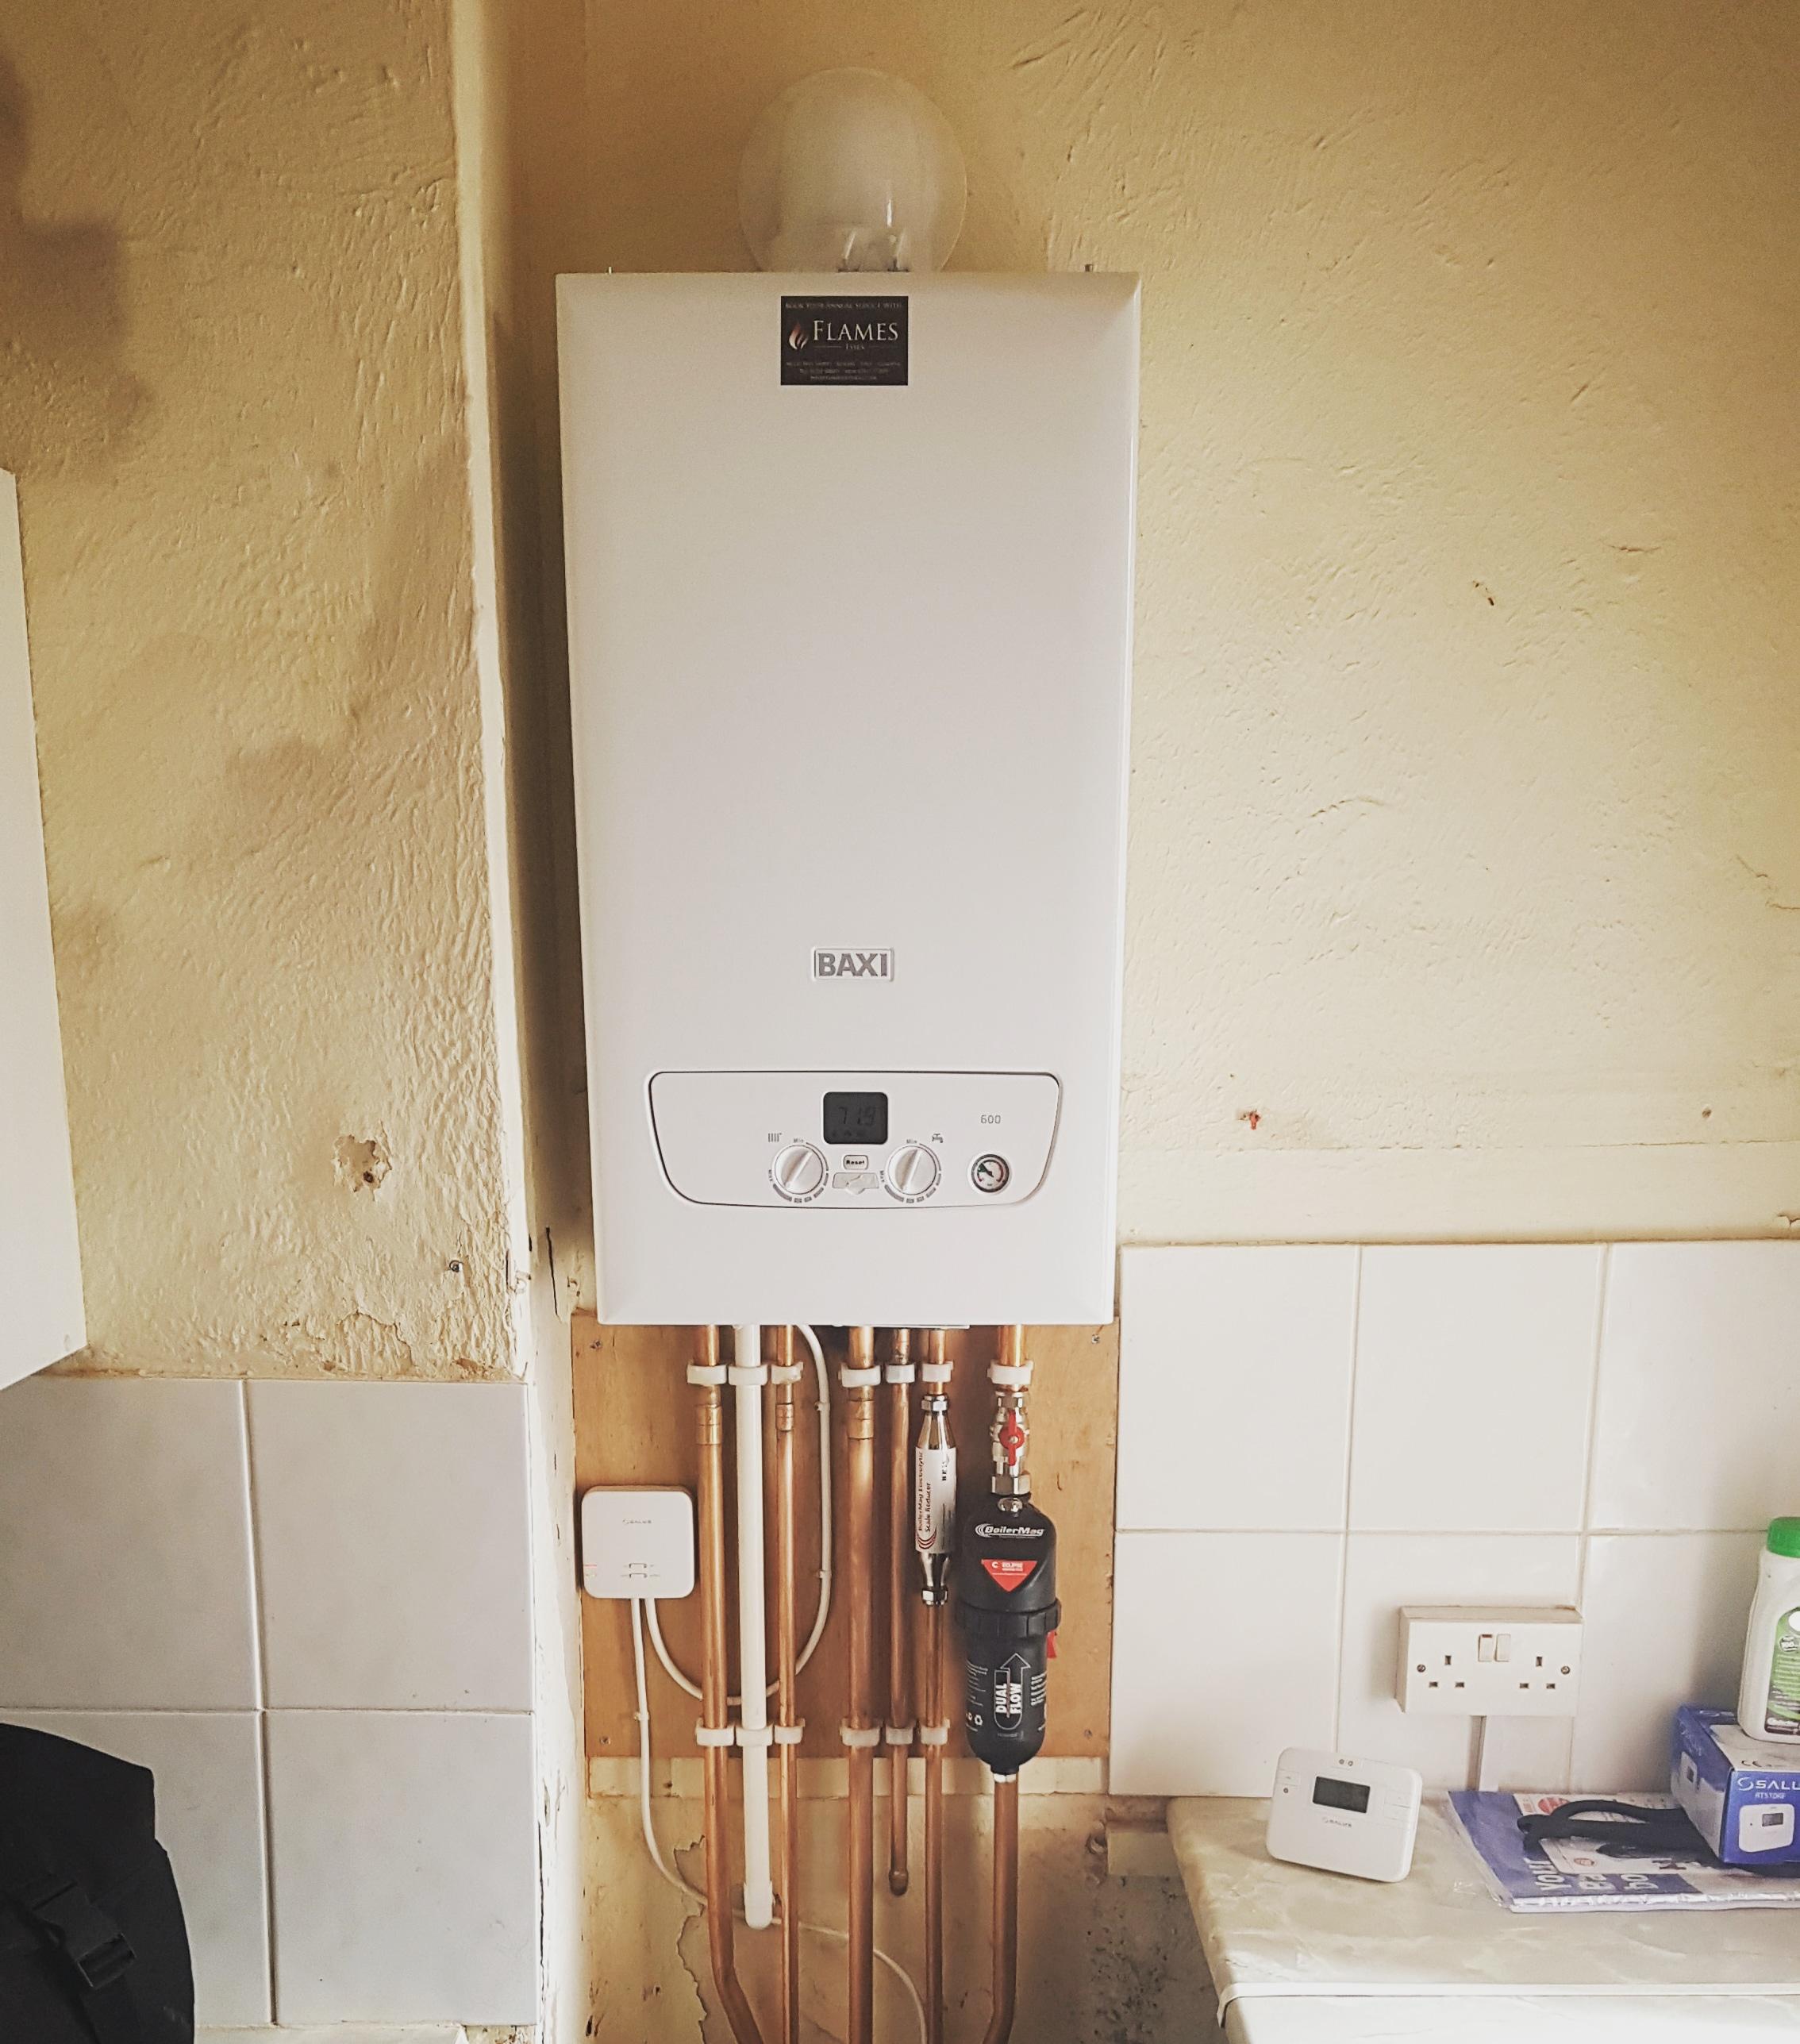 Baxi 624 Combi Boiler